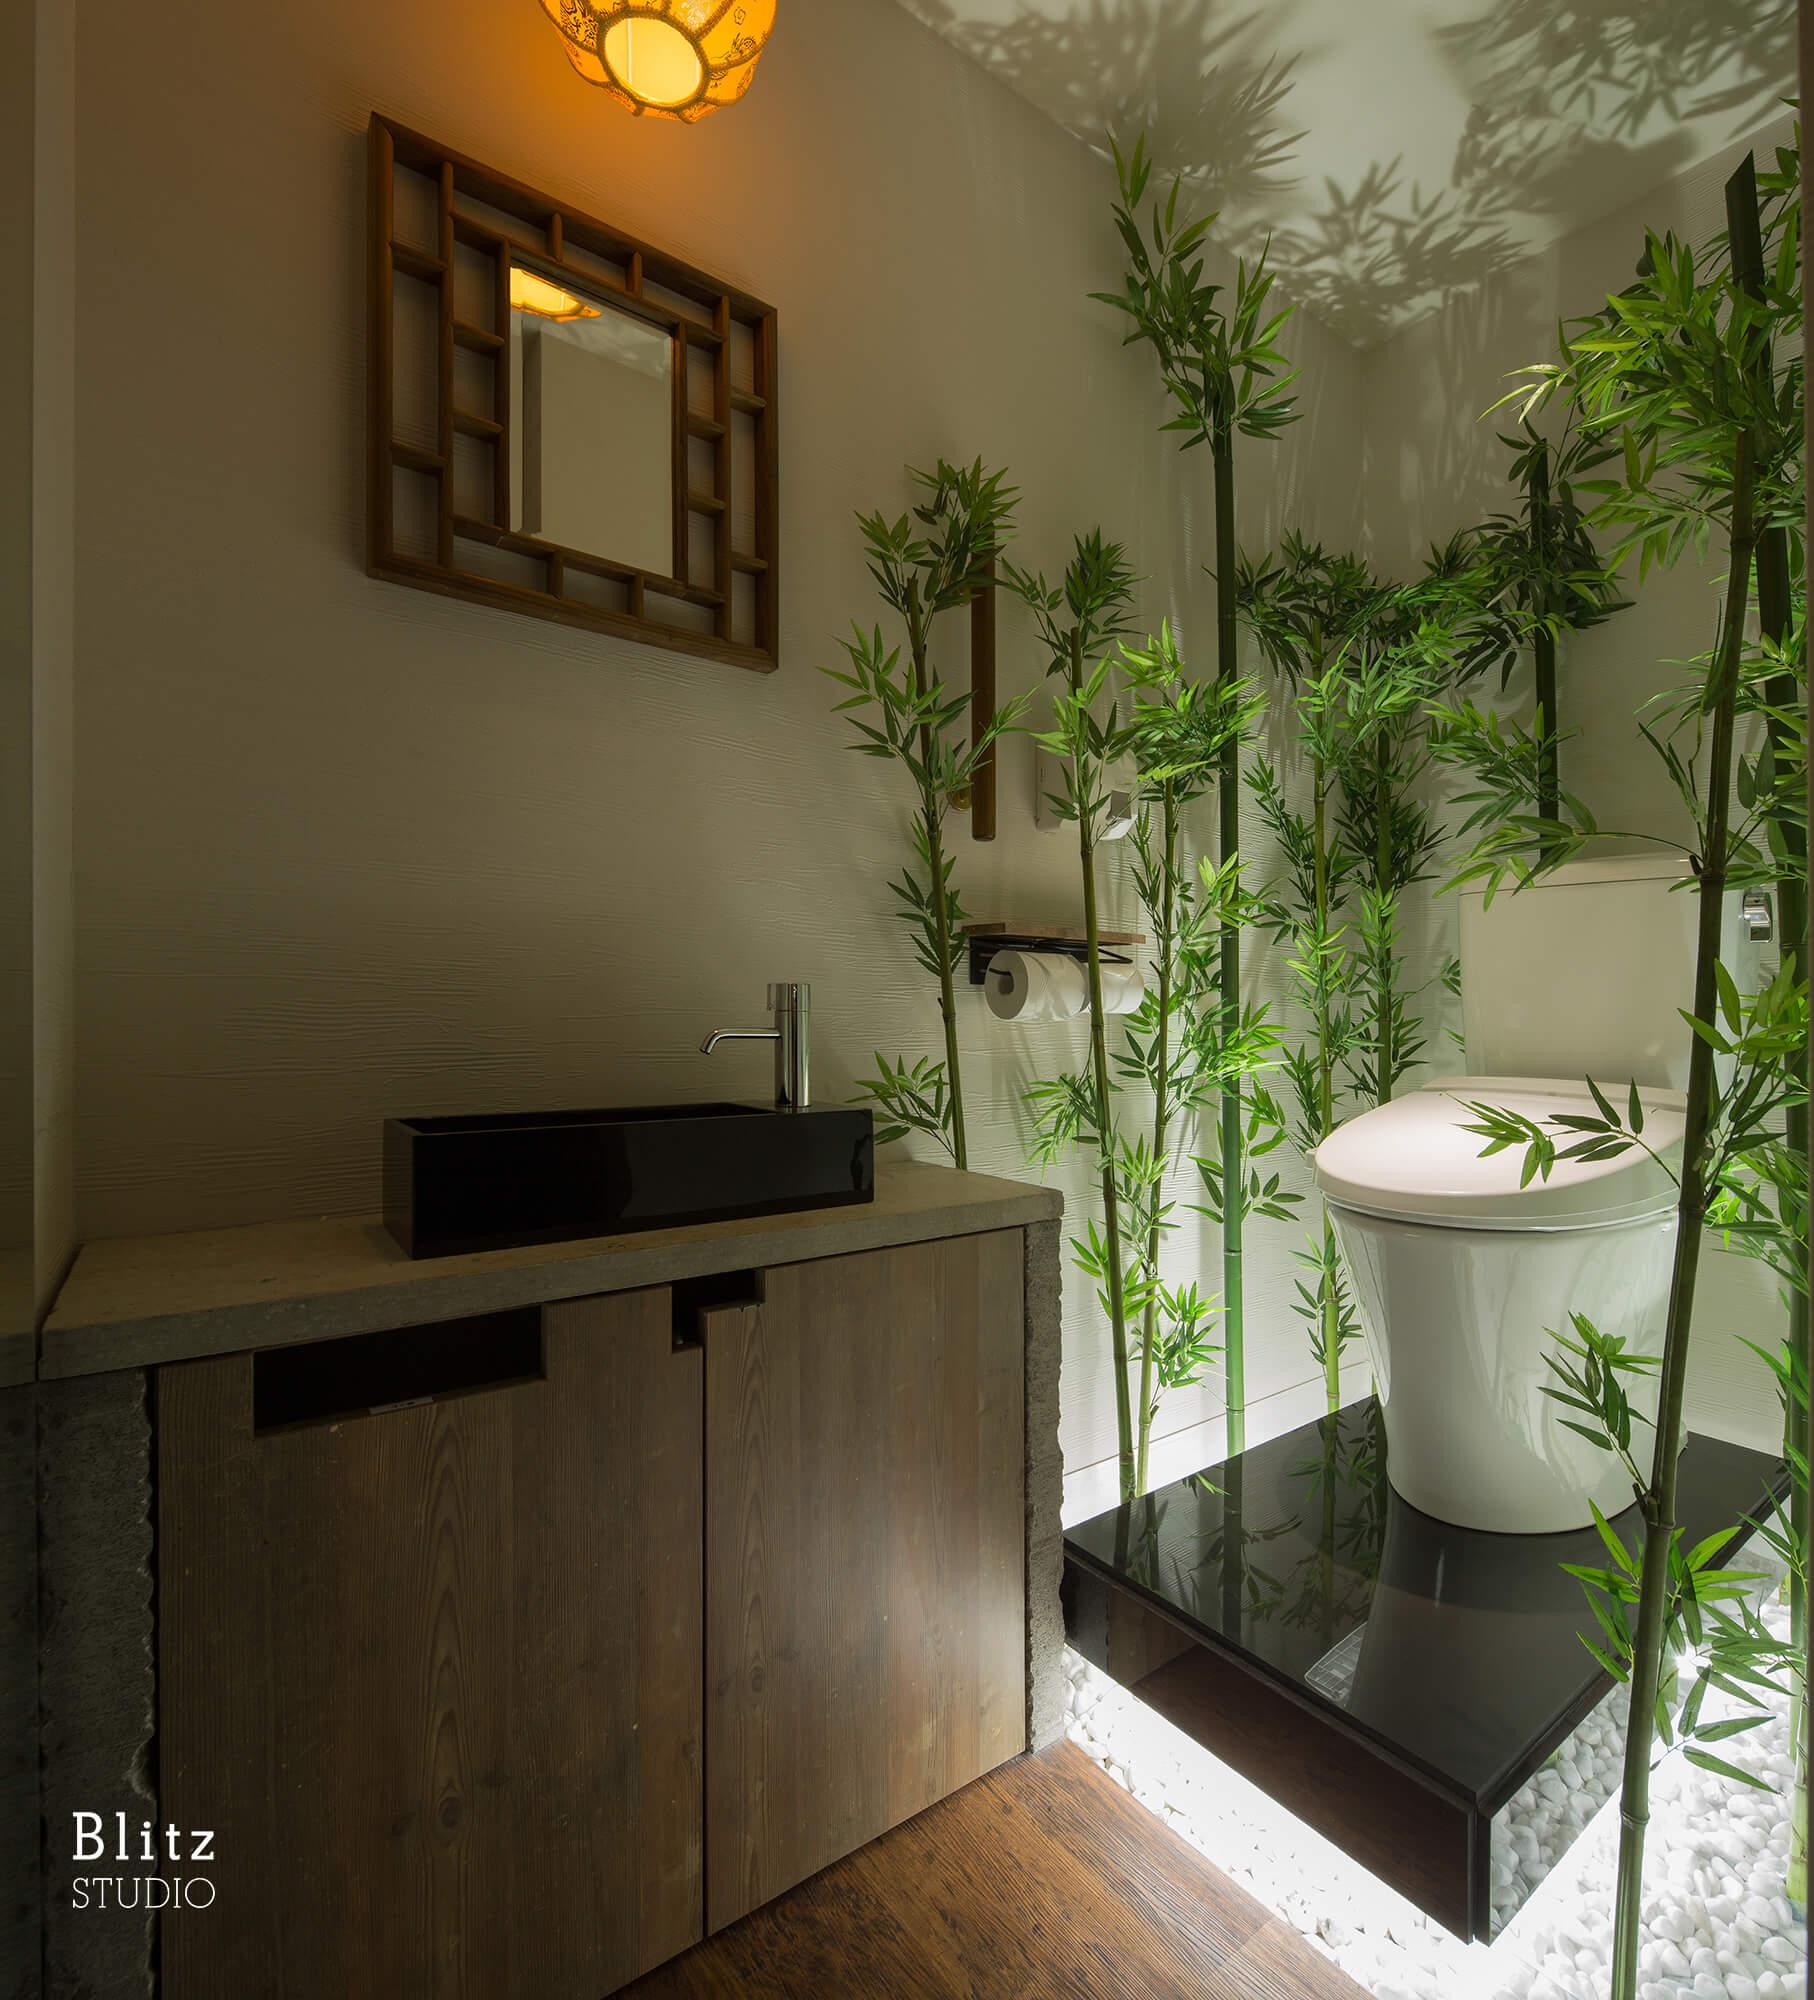 『楊家菜房 翠獅庭』建築写真・竣工写真・インテリア写真11